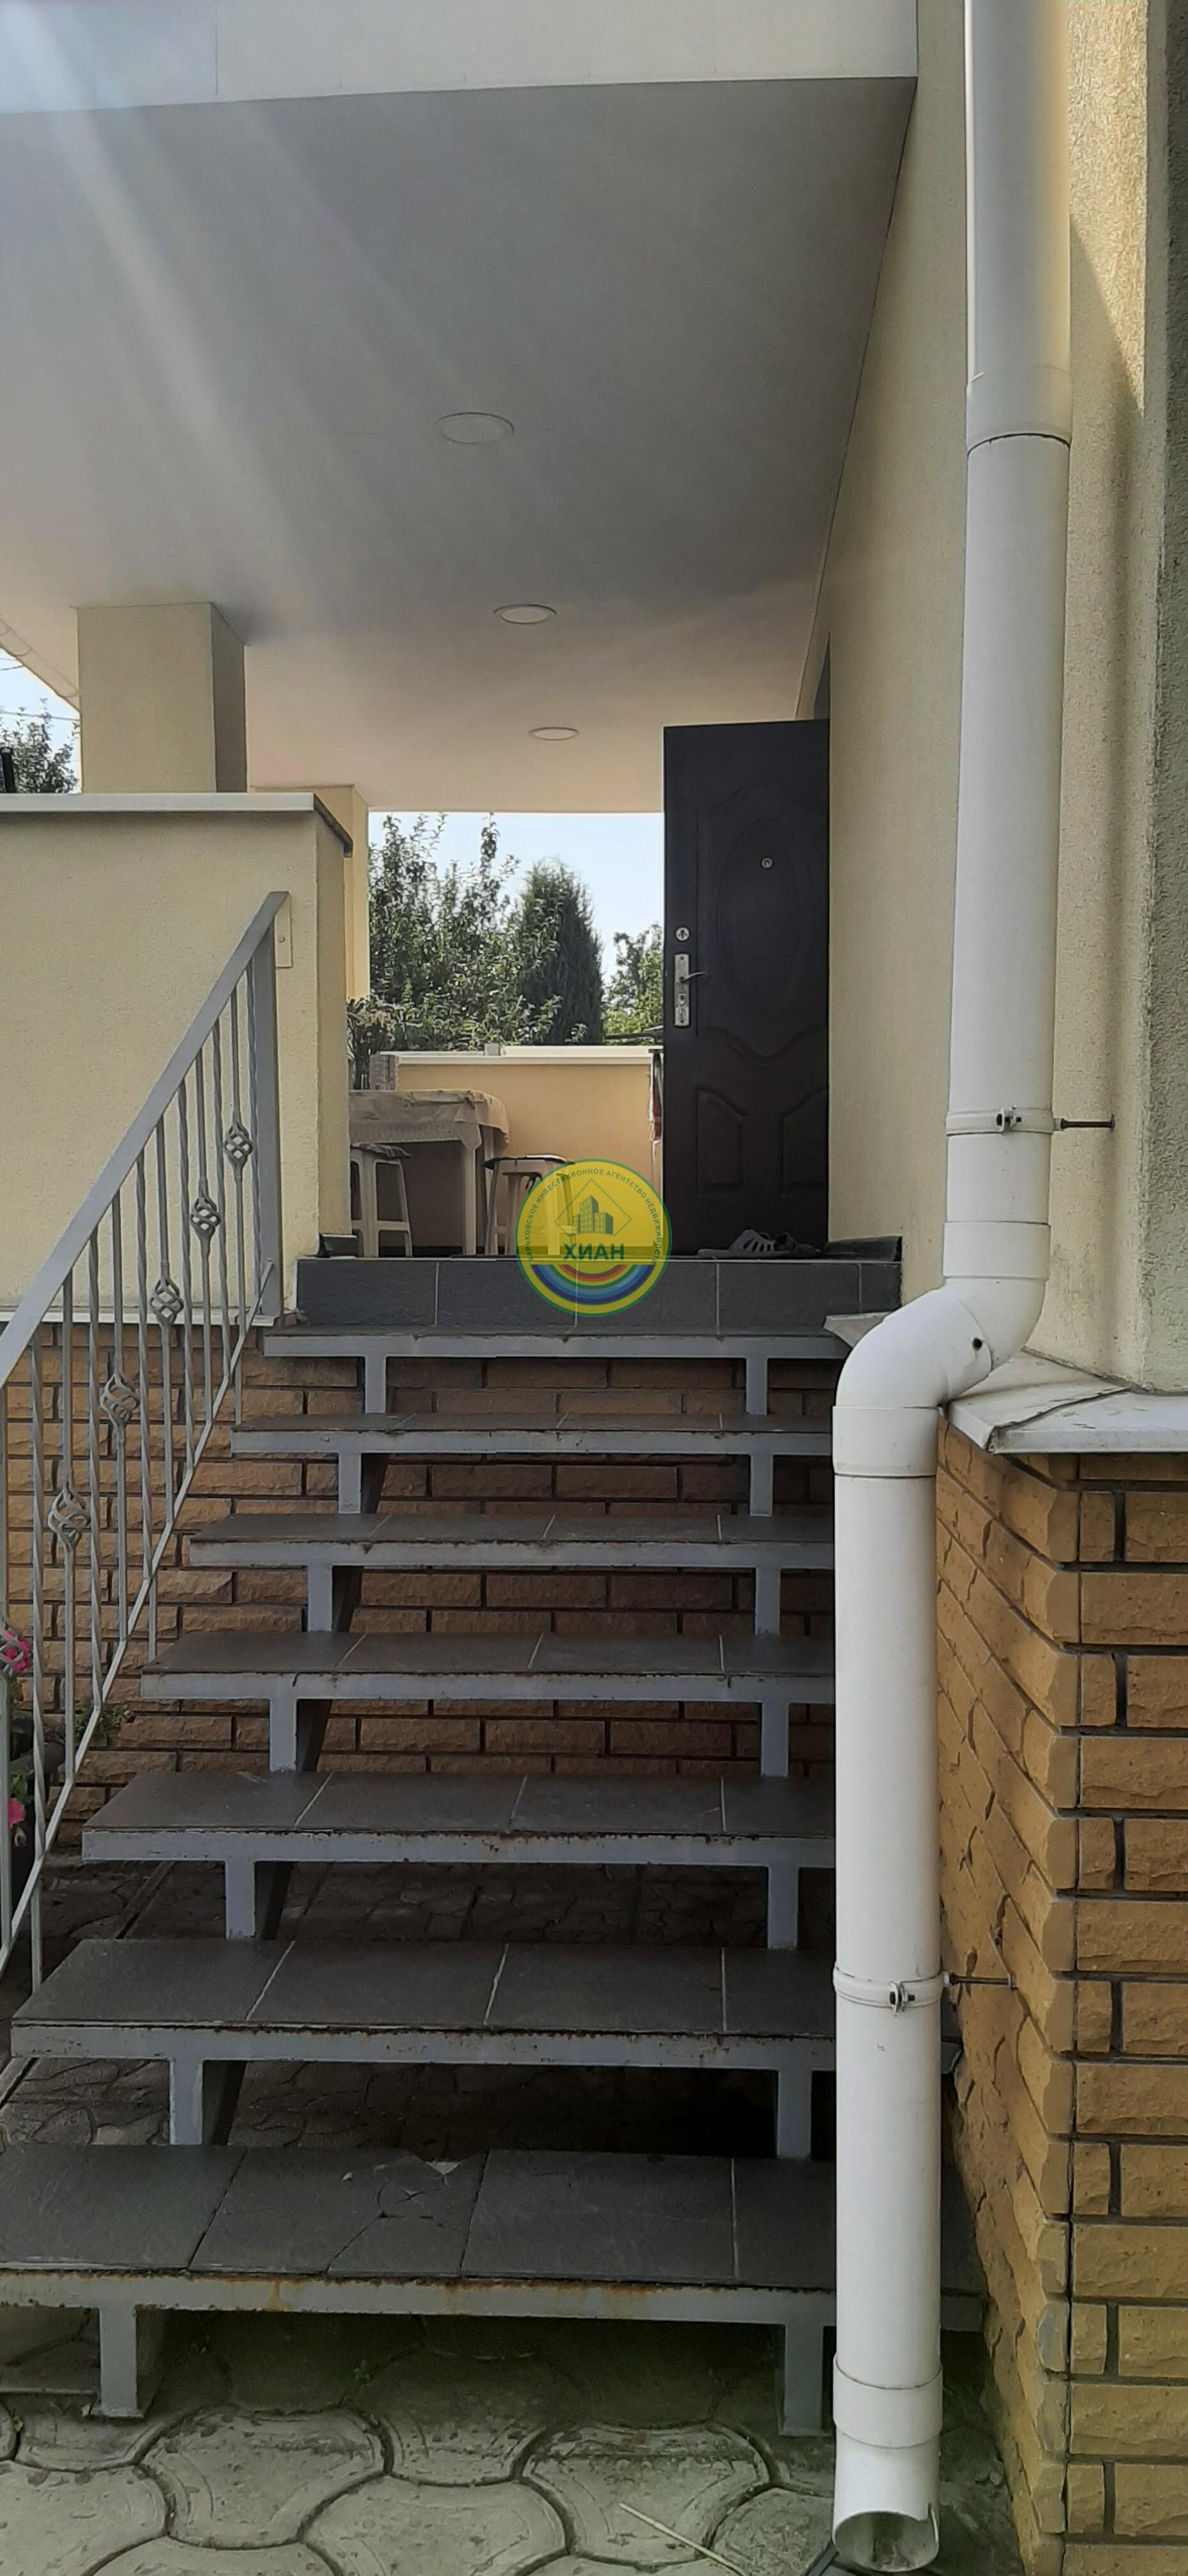 Харьковская область,4 Комнат Комнат,2 Ванных комнатВанных комнат,Житлова нерухомість,2,1241